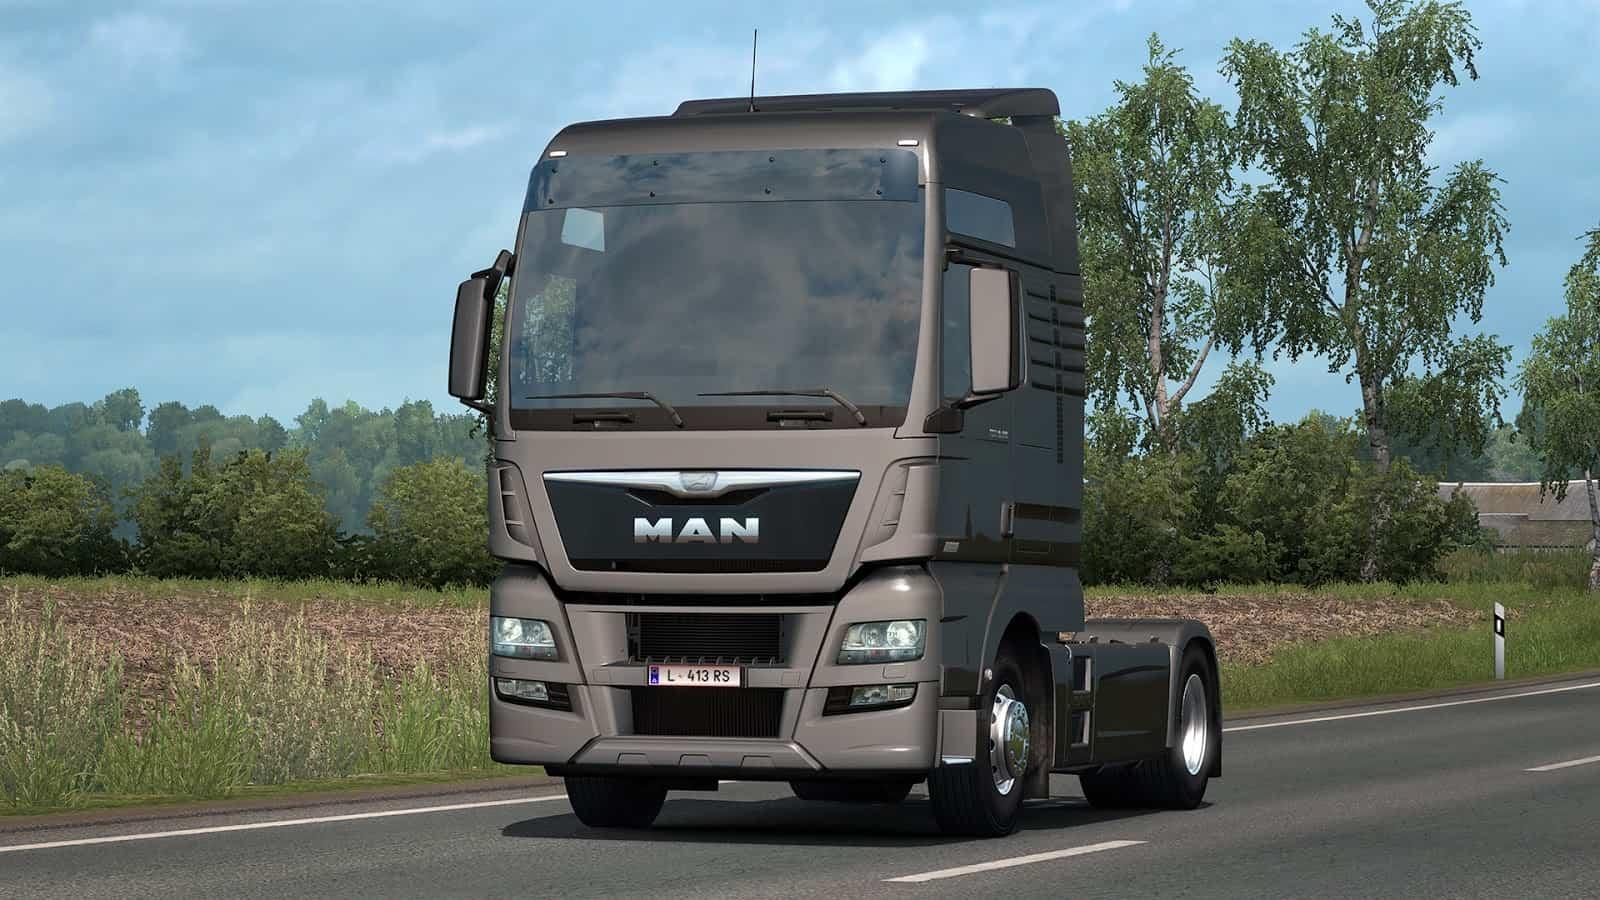 euro truck simulator 2 update ets2 mod. Black Bedroom Furniture Sets. Home Design Ideas